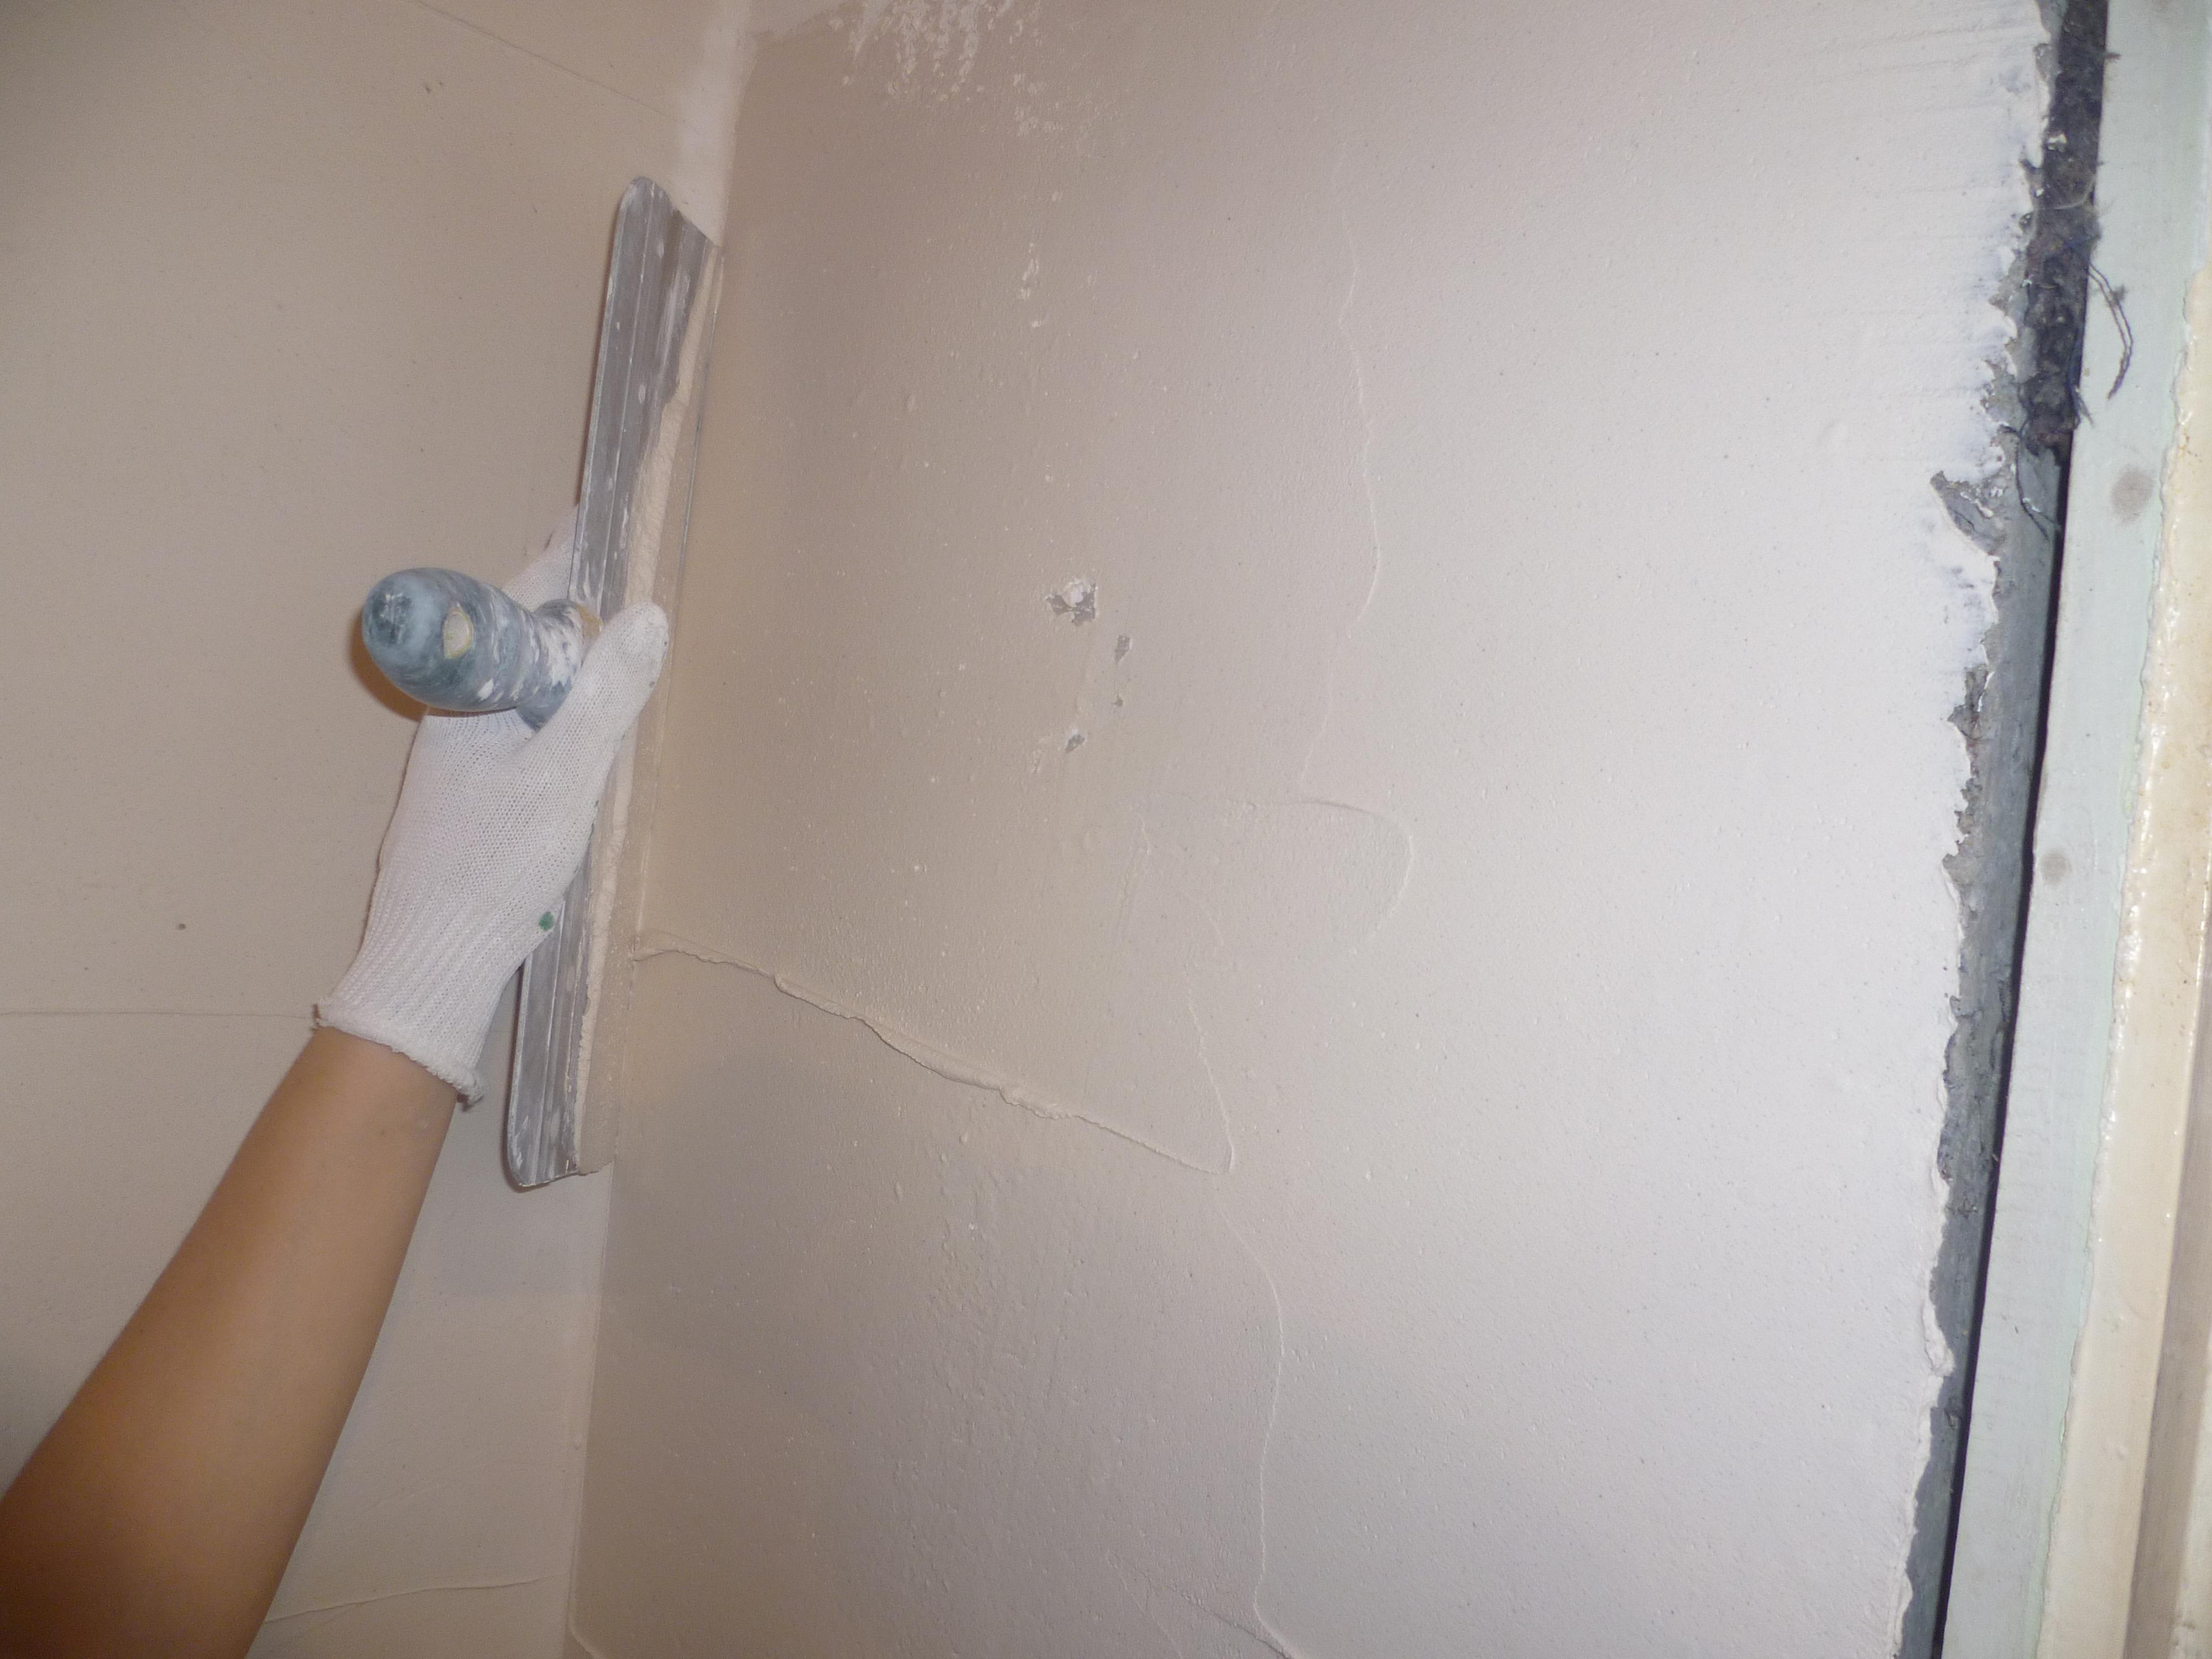 Como alisar paredes de gotele - Alisar paredes de gotele ...